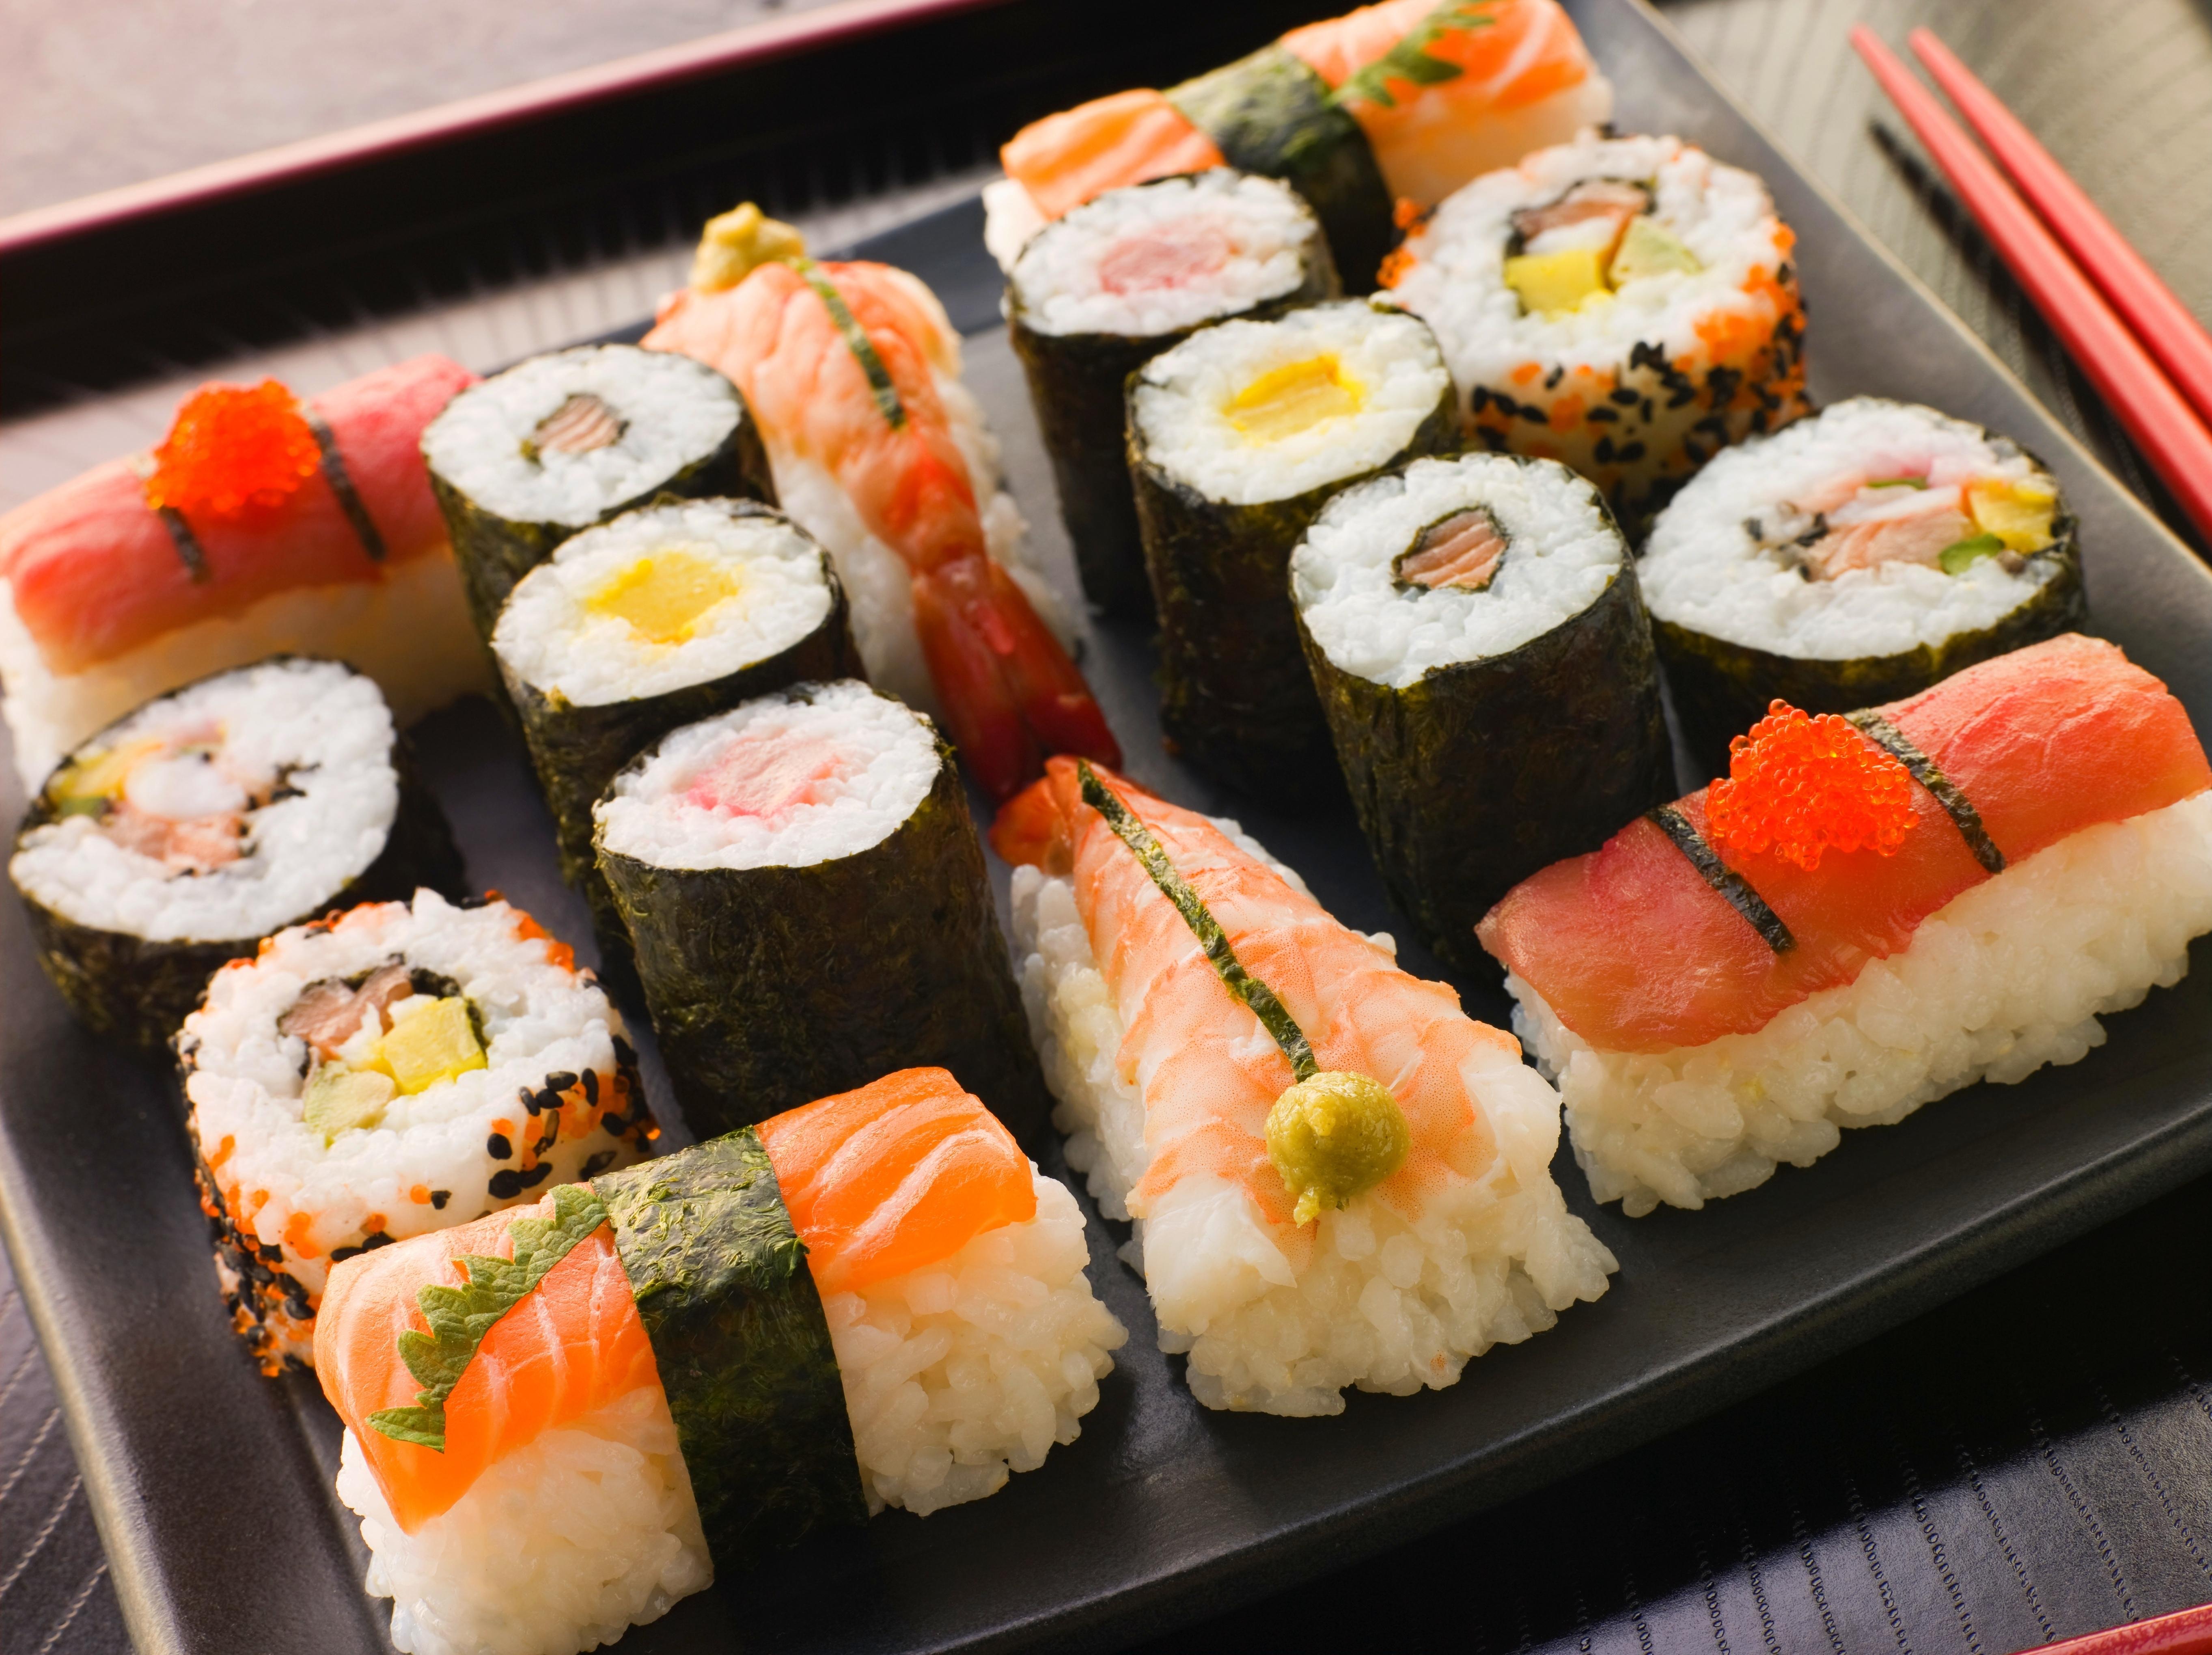 La cucina preferita dagli italiani quella giapponese le for Cucine giapponesi